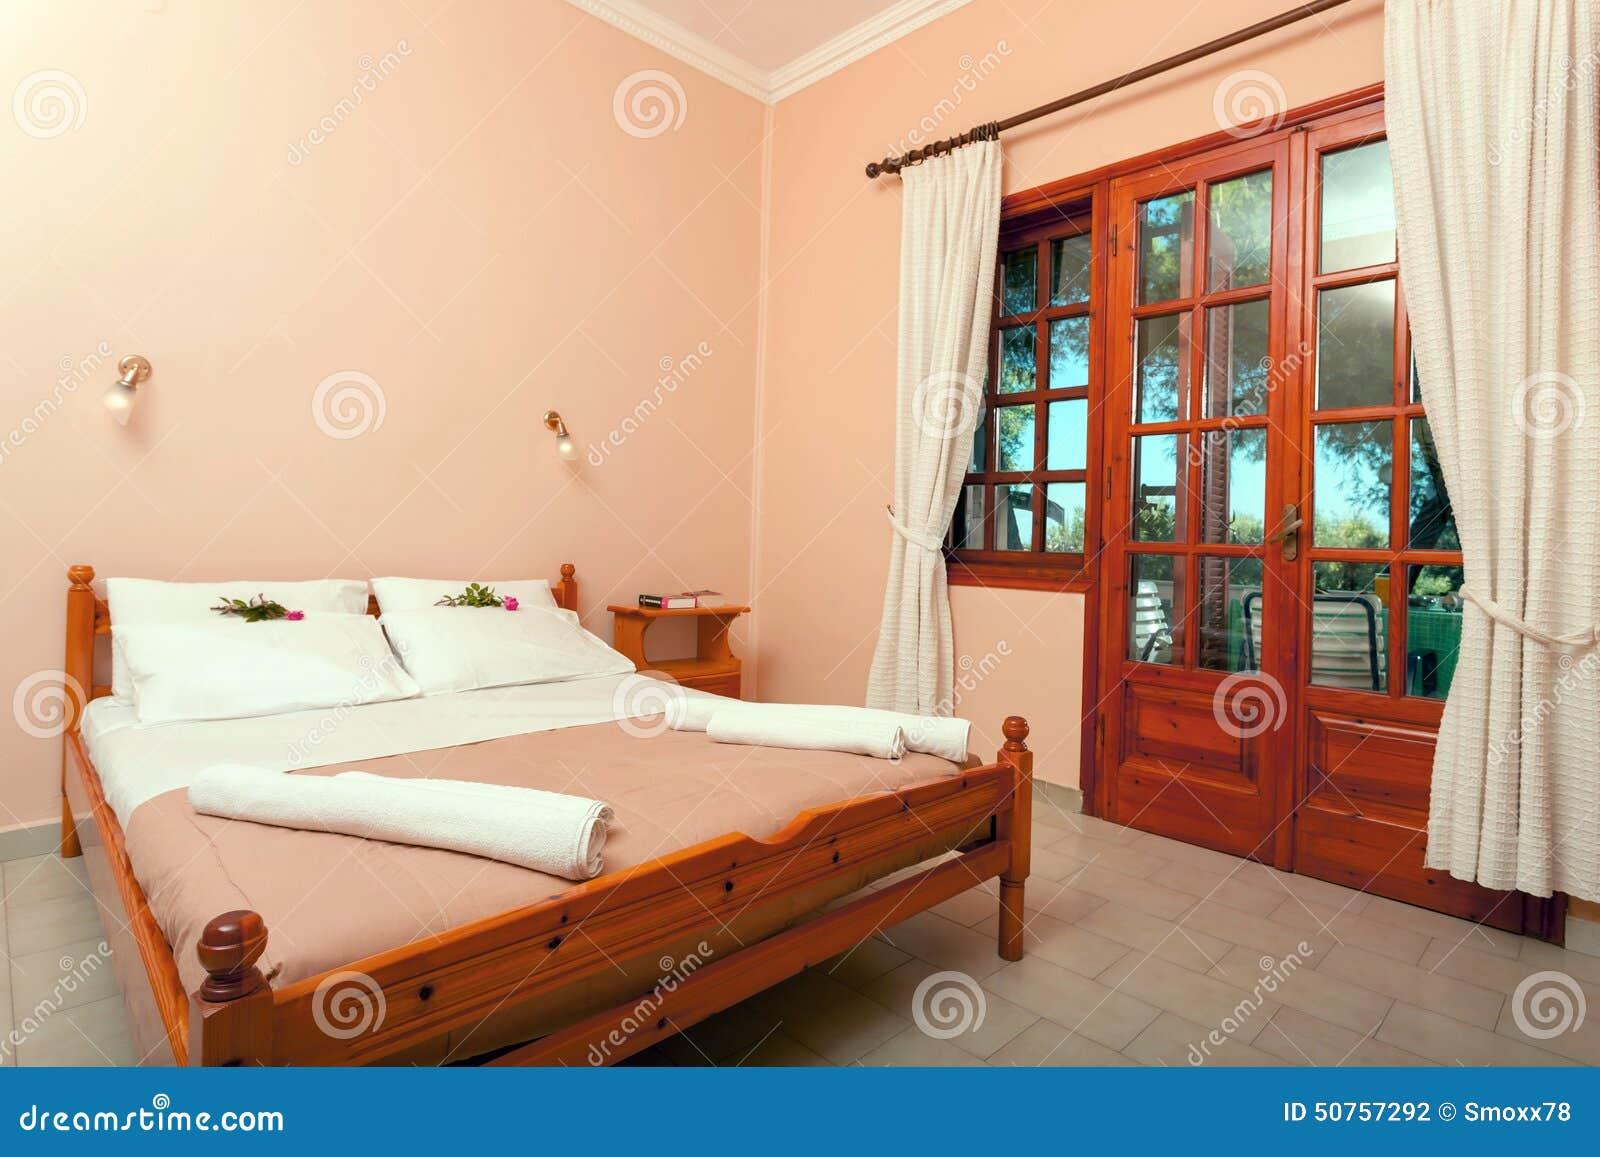 Camere Da Letto Tradizionali : Camera da letto tradizionale di lusso fotografia stock immagine